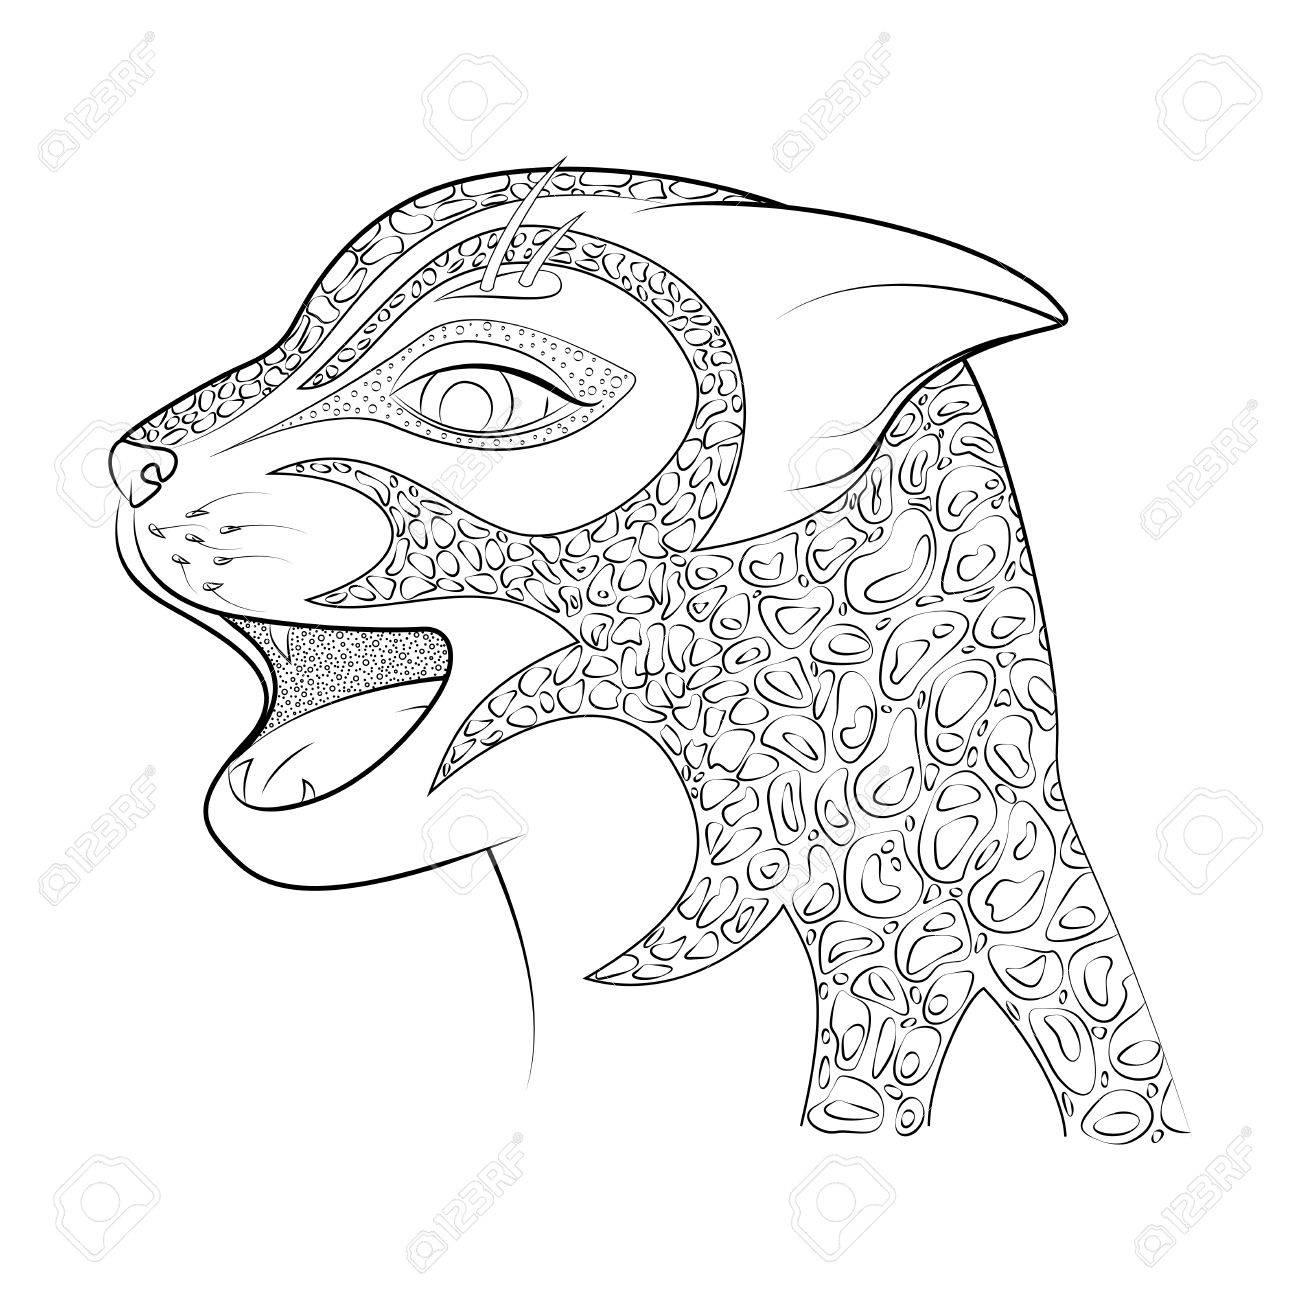 La Cabeza De Un Gato Salvaje Ilustración Vectorial. Guepardo Del ...